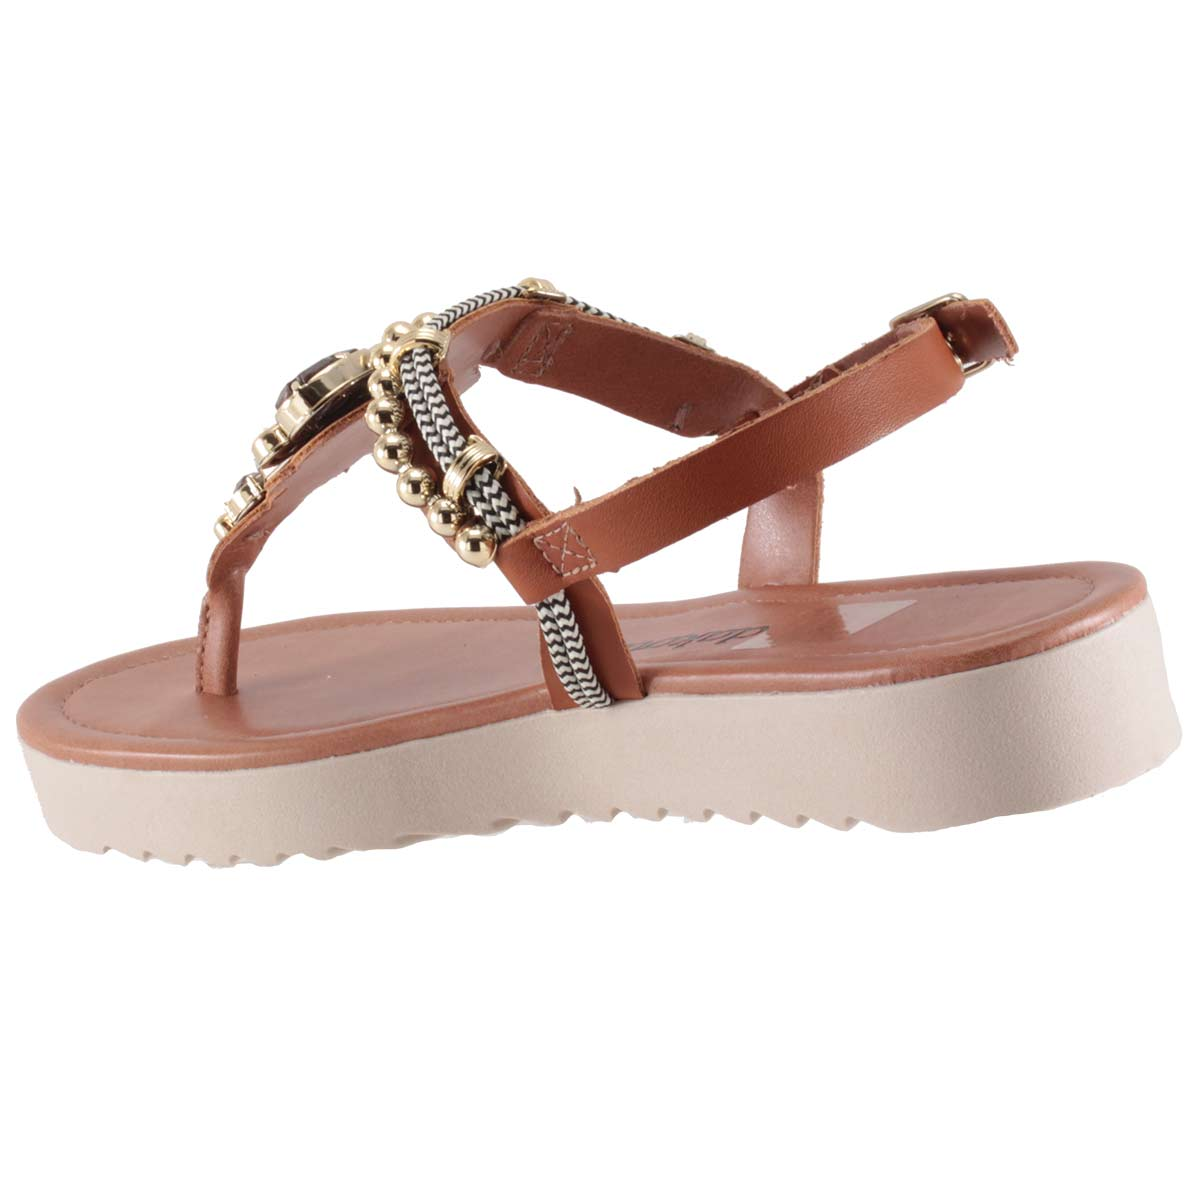 Sandália Dakota Flatform Pedrarias Dedo Linda Confortável Z2712  - Ian Calçados